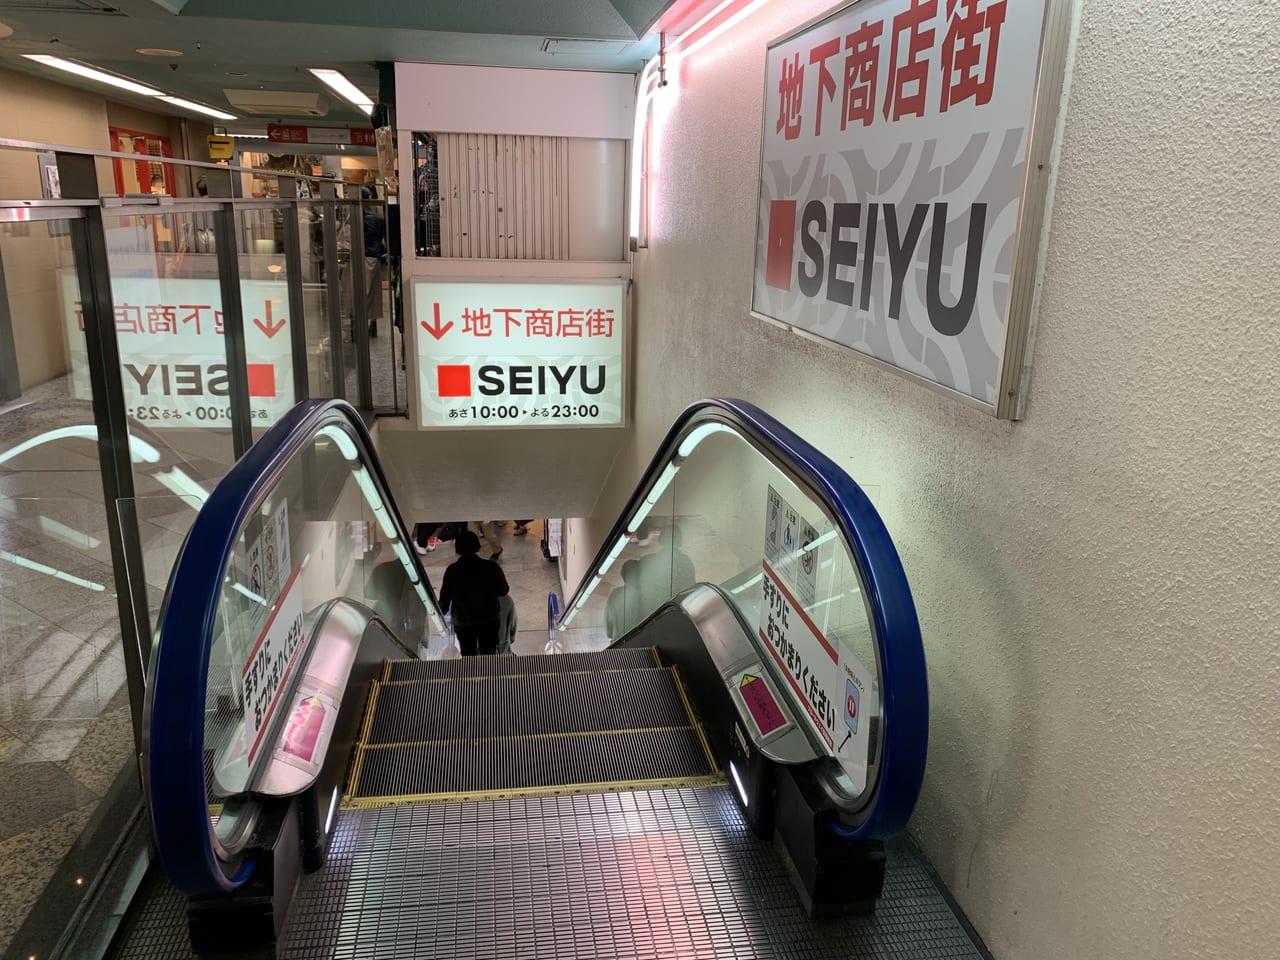 ブロードウェイ地下へのエスカレーター